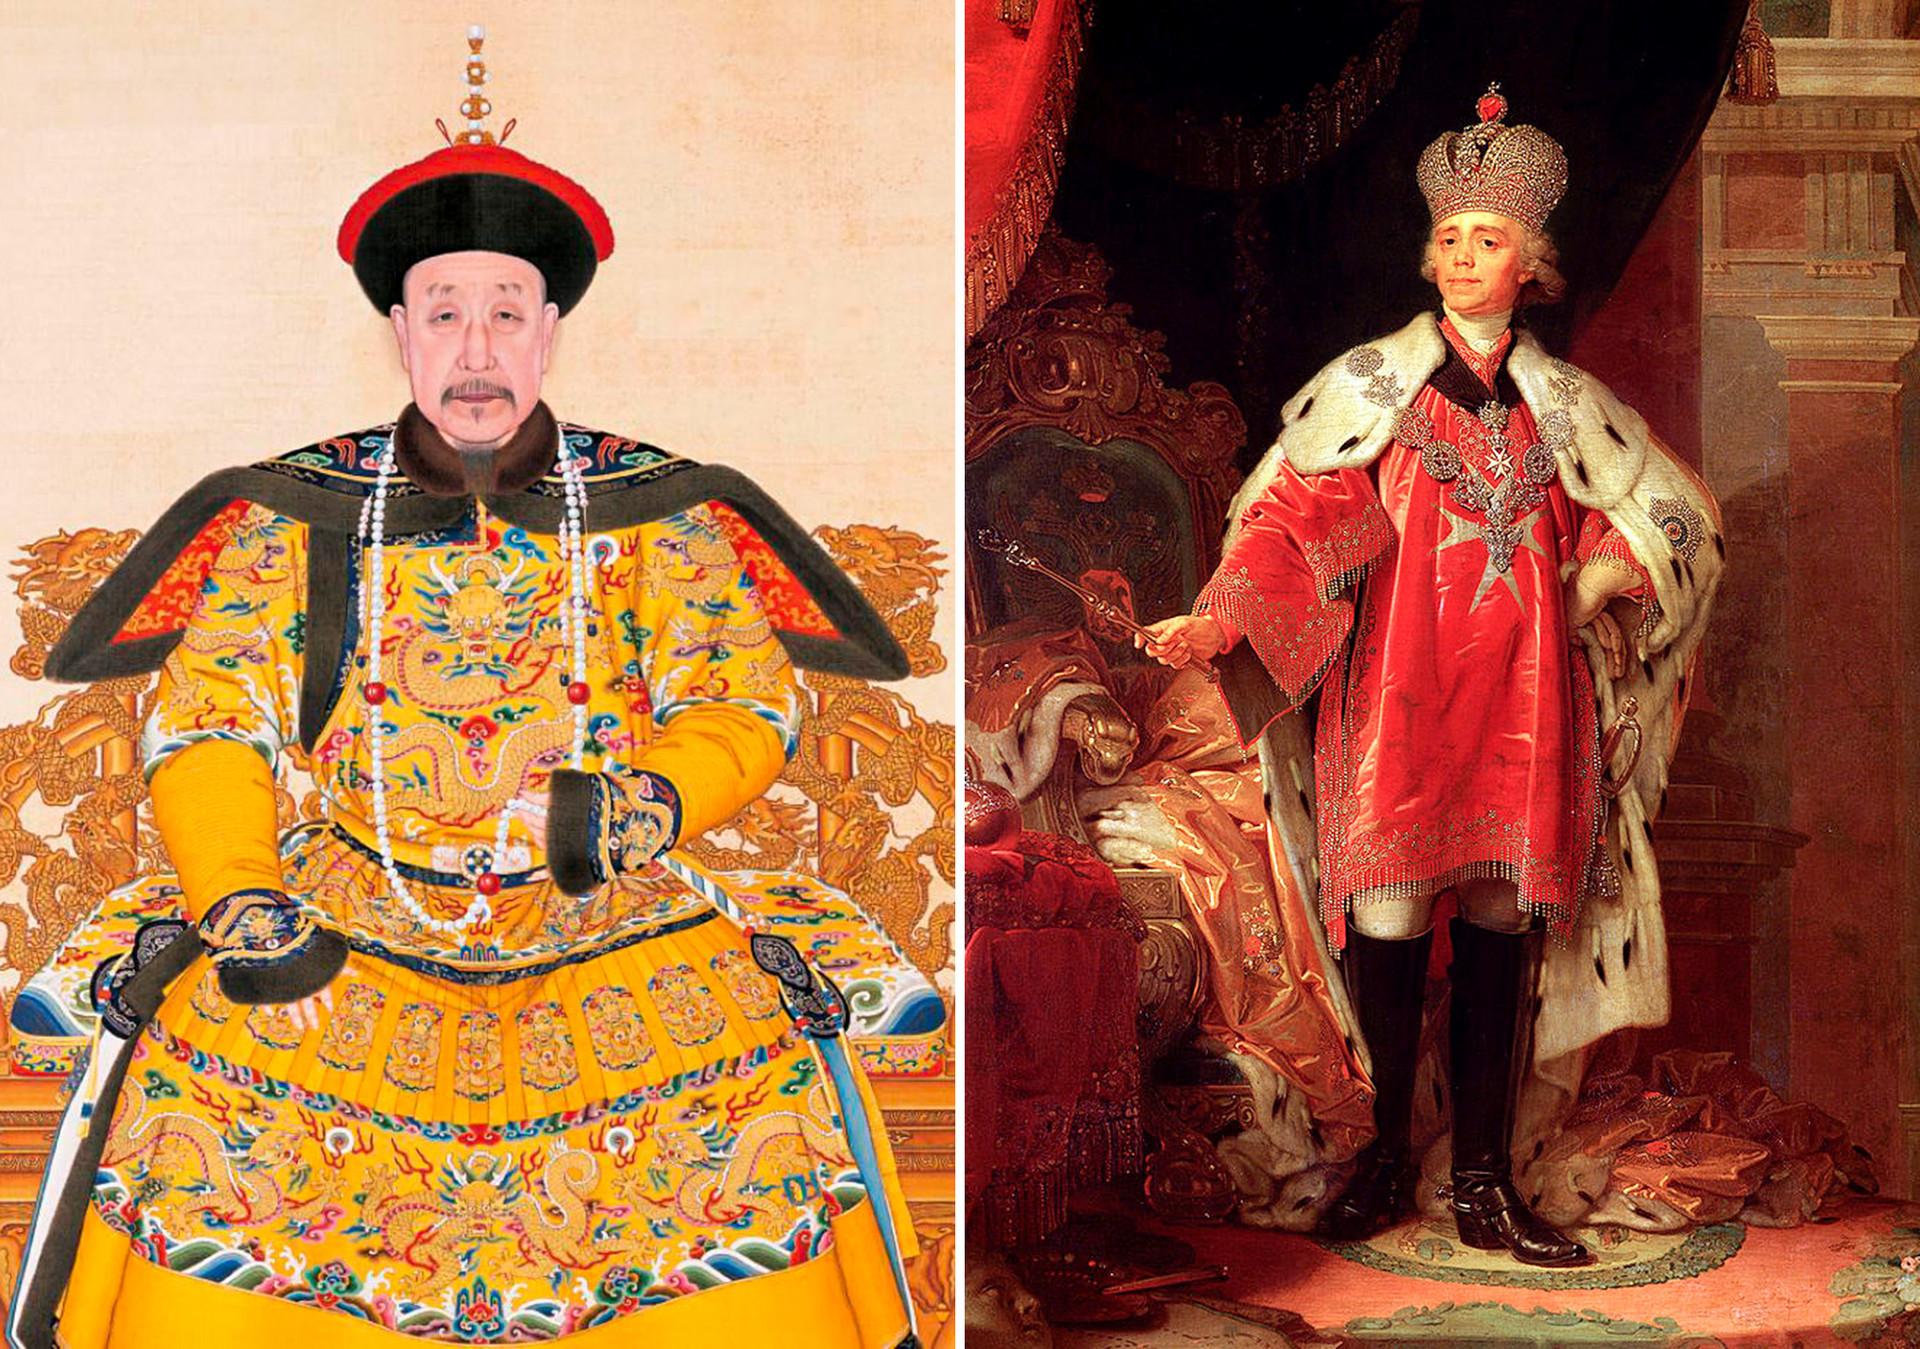 Слева: Портрет императора Цяньлуна в парадном одеянии. Эпоха Цин, правление Цяньлун (1736–1796). Справа: Владимир Боровиковский. Потрет Павла I в коронационном костюме